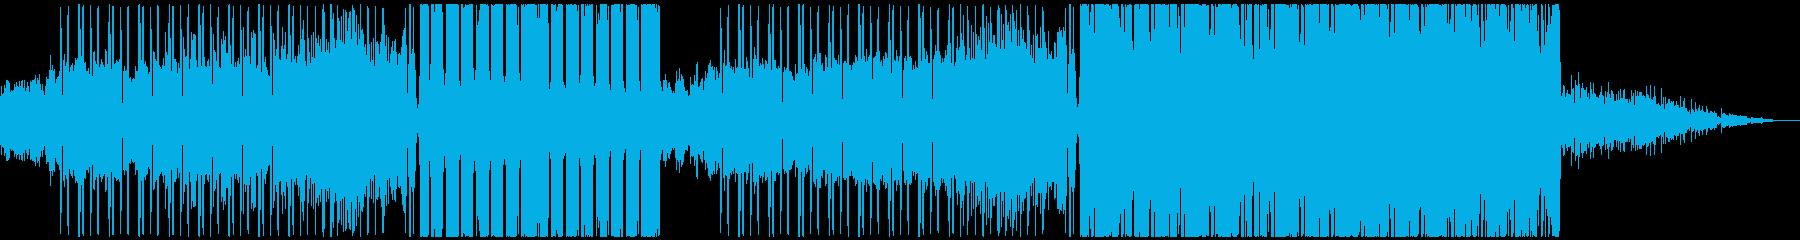 キラキラ輝くFUTURE BASSの再生済みの波形